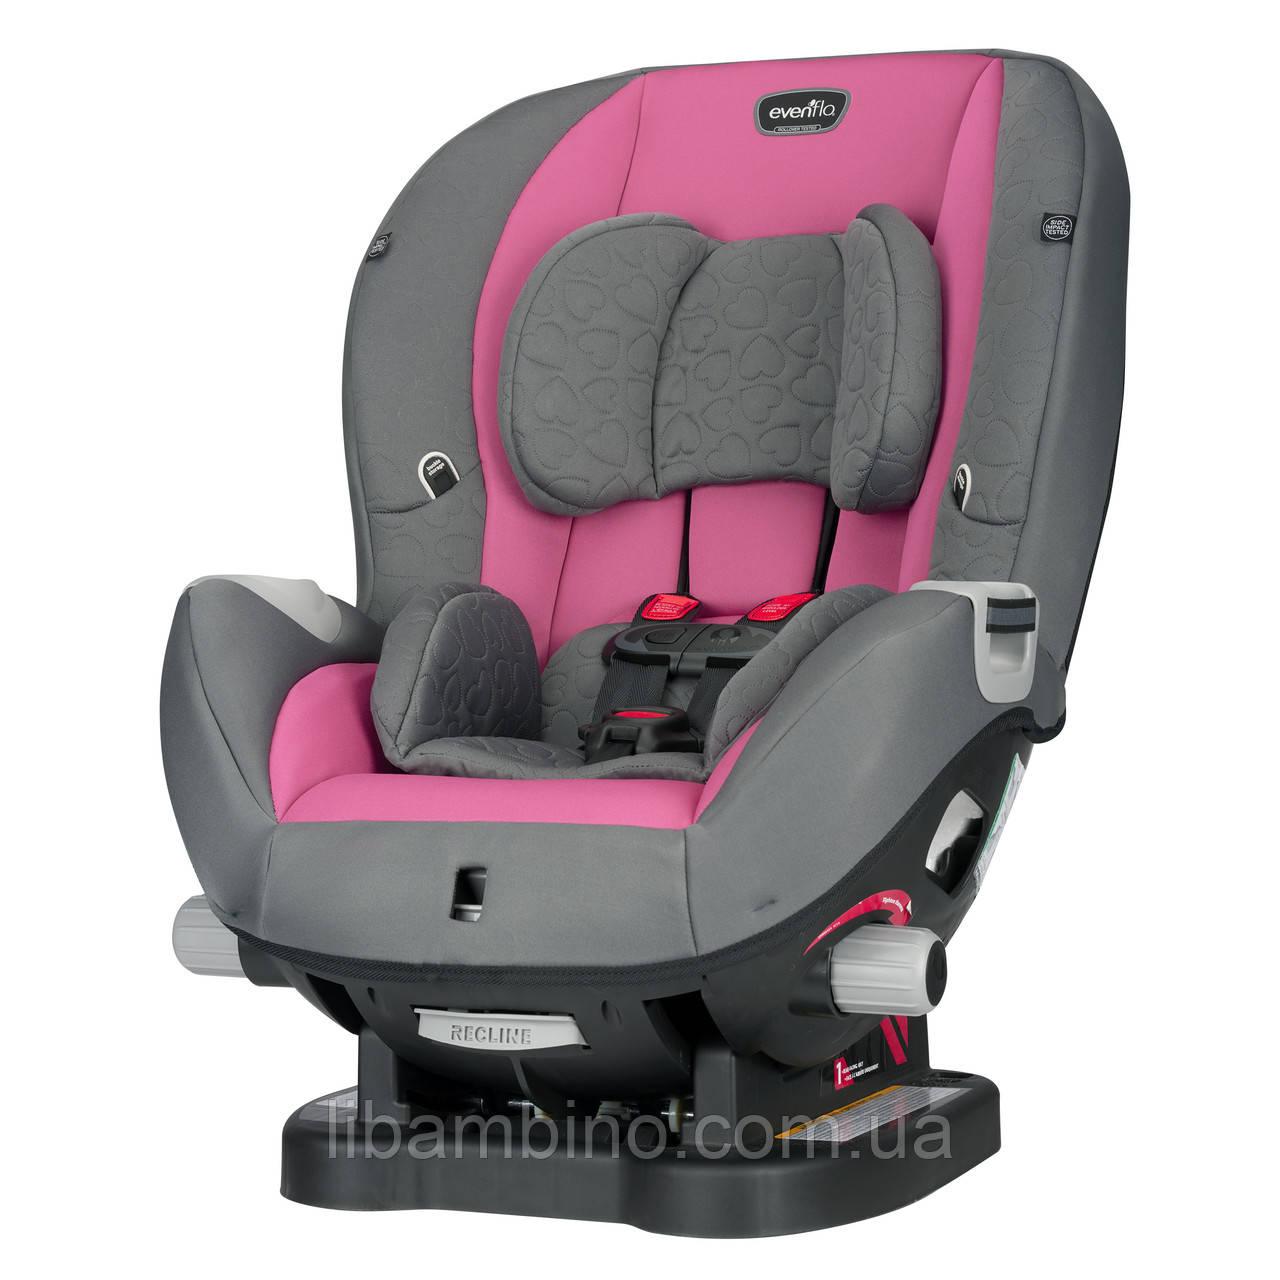 Дитяче універсальне автокрісло Evenflo Triumph  колір - Kora pink (група від 2,2 до 29,4 кг)